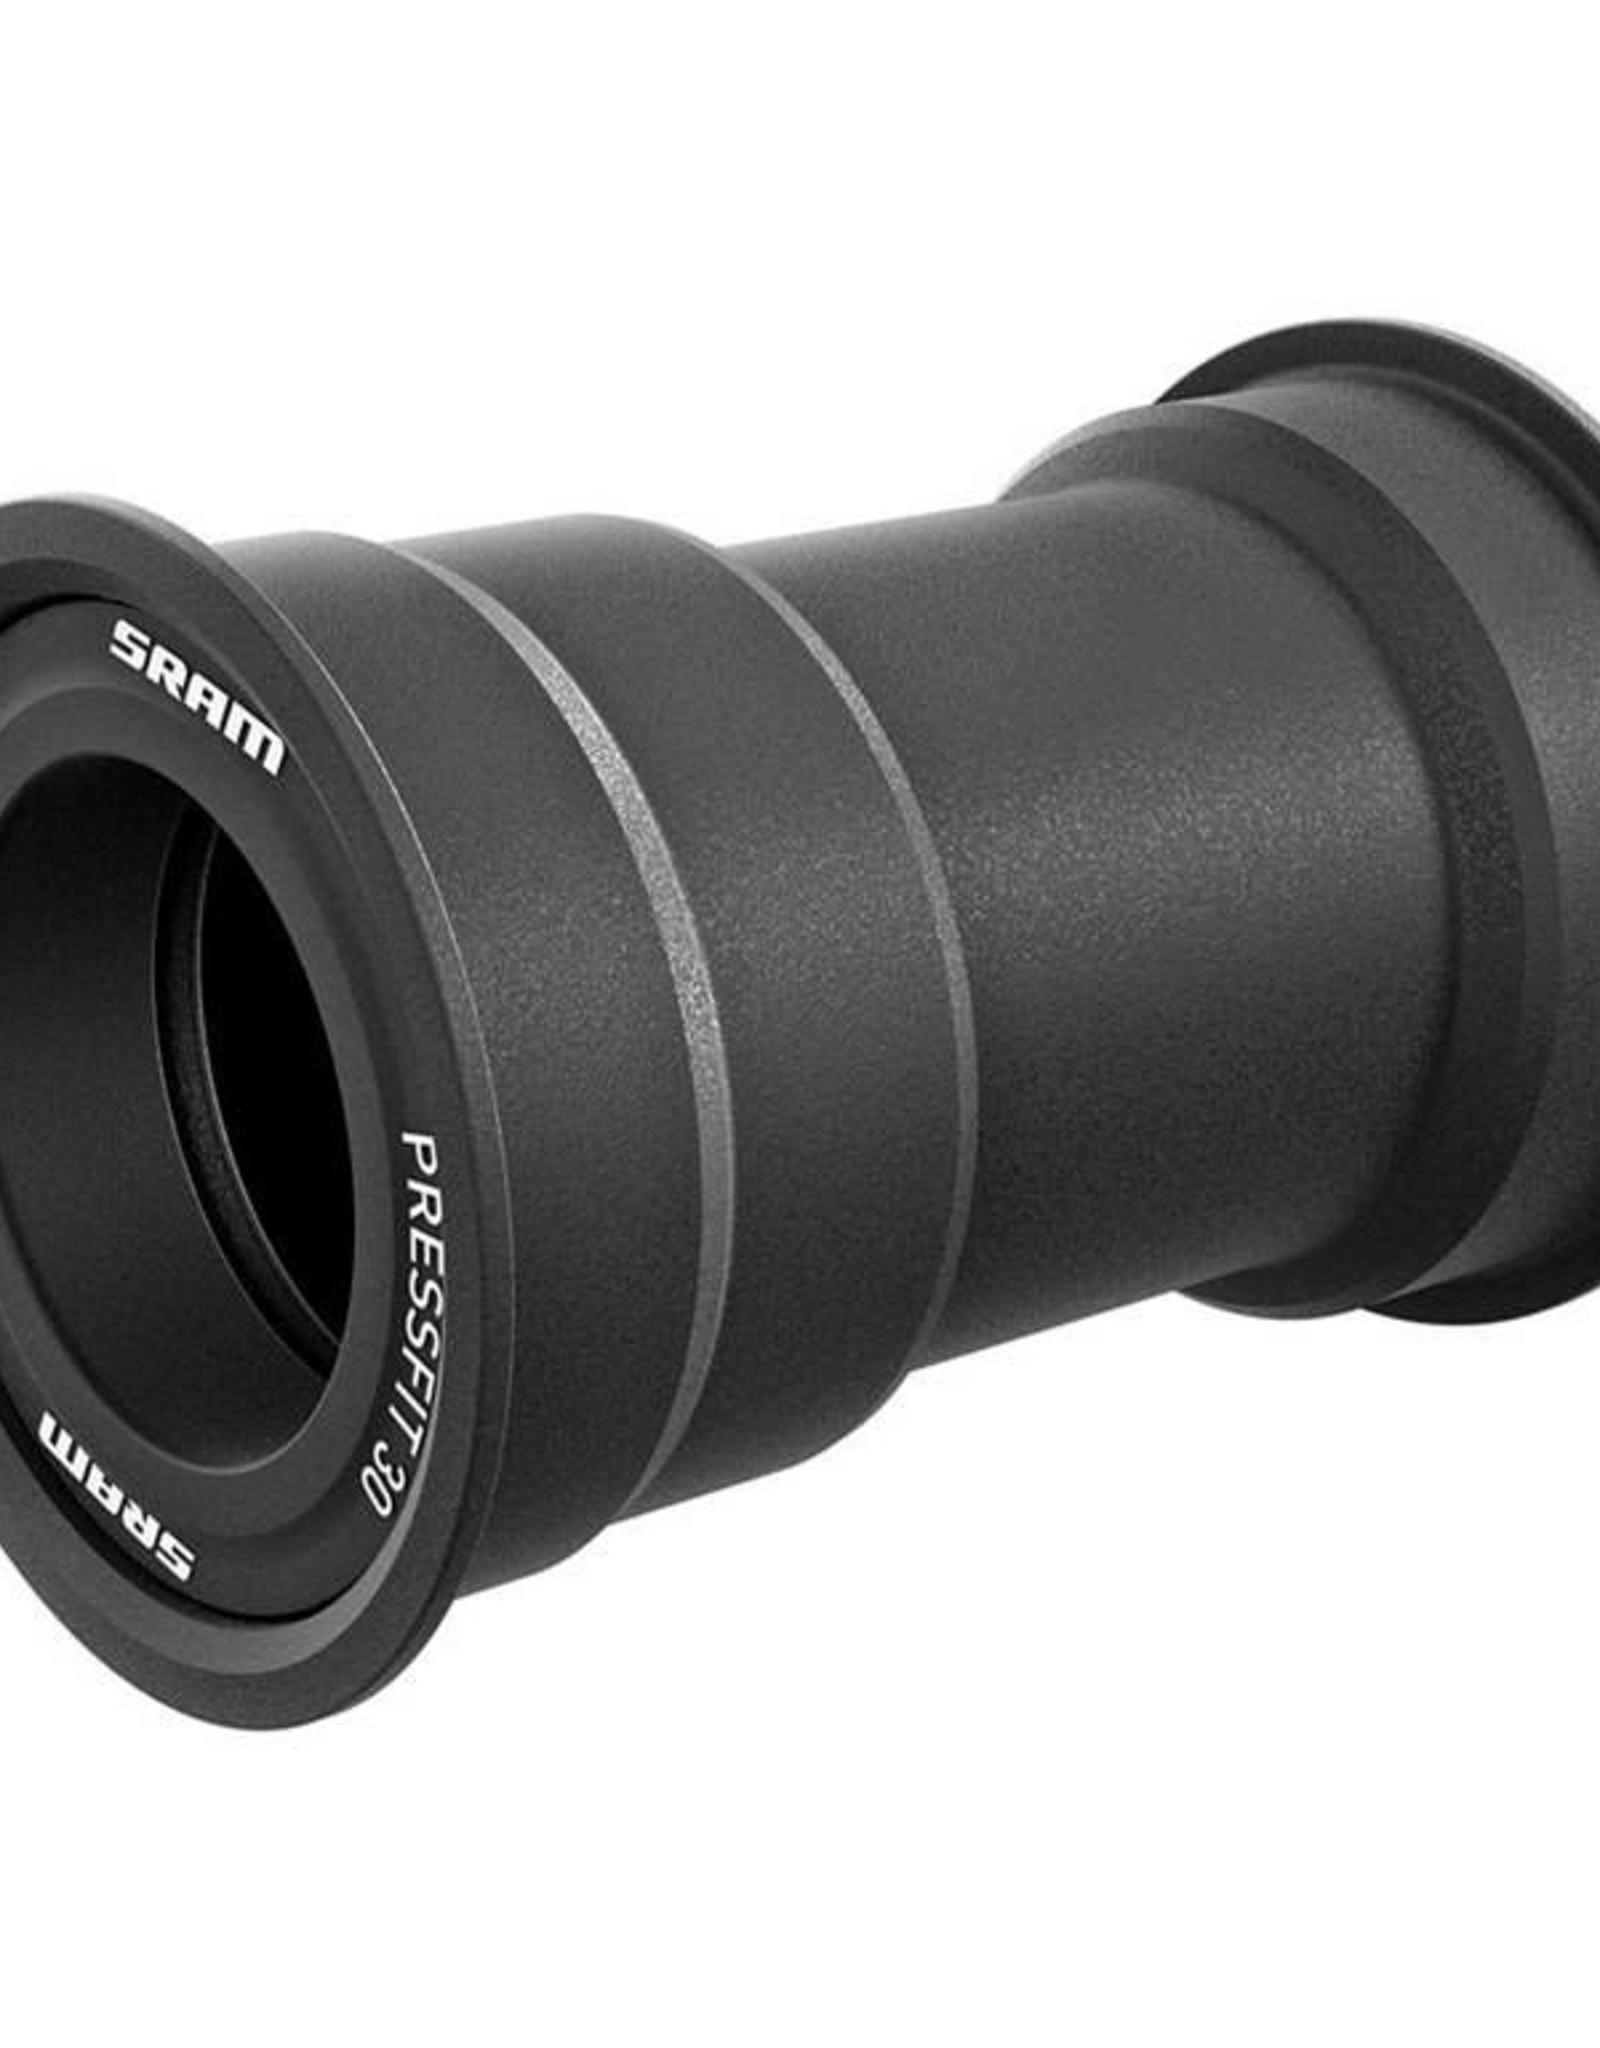 SRAM SRAM PressFit 30 68-92mm Bottom Bracket, Fits BB30A, BBRight, BB386, BB386 EVO